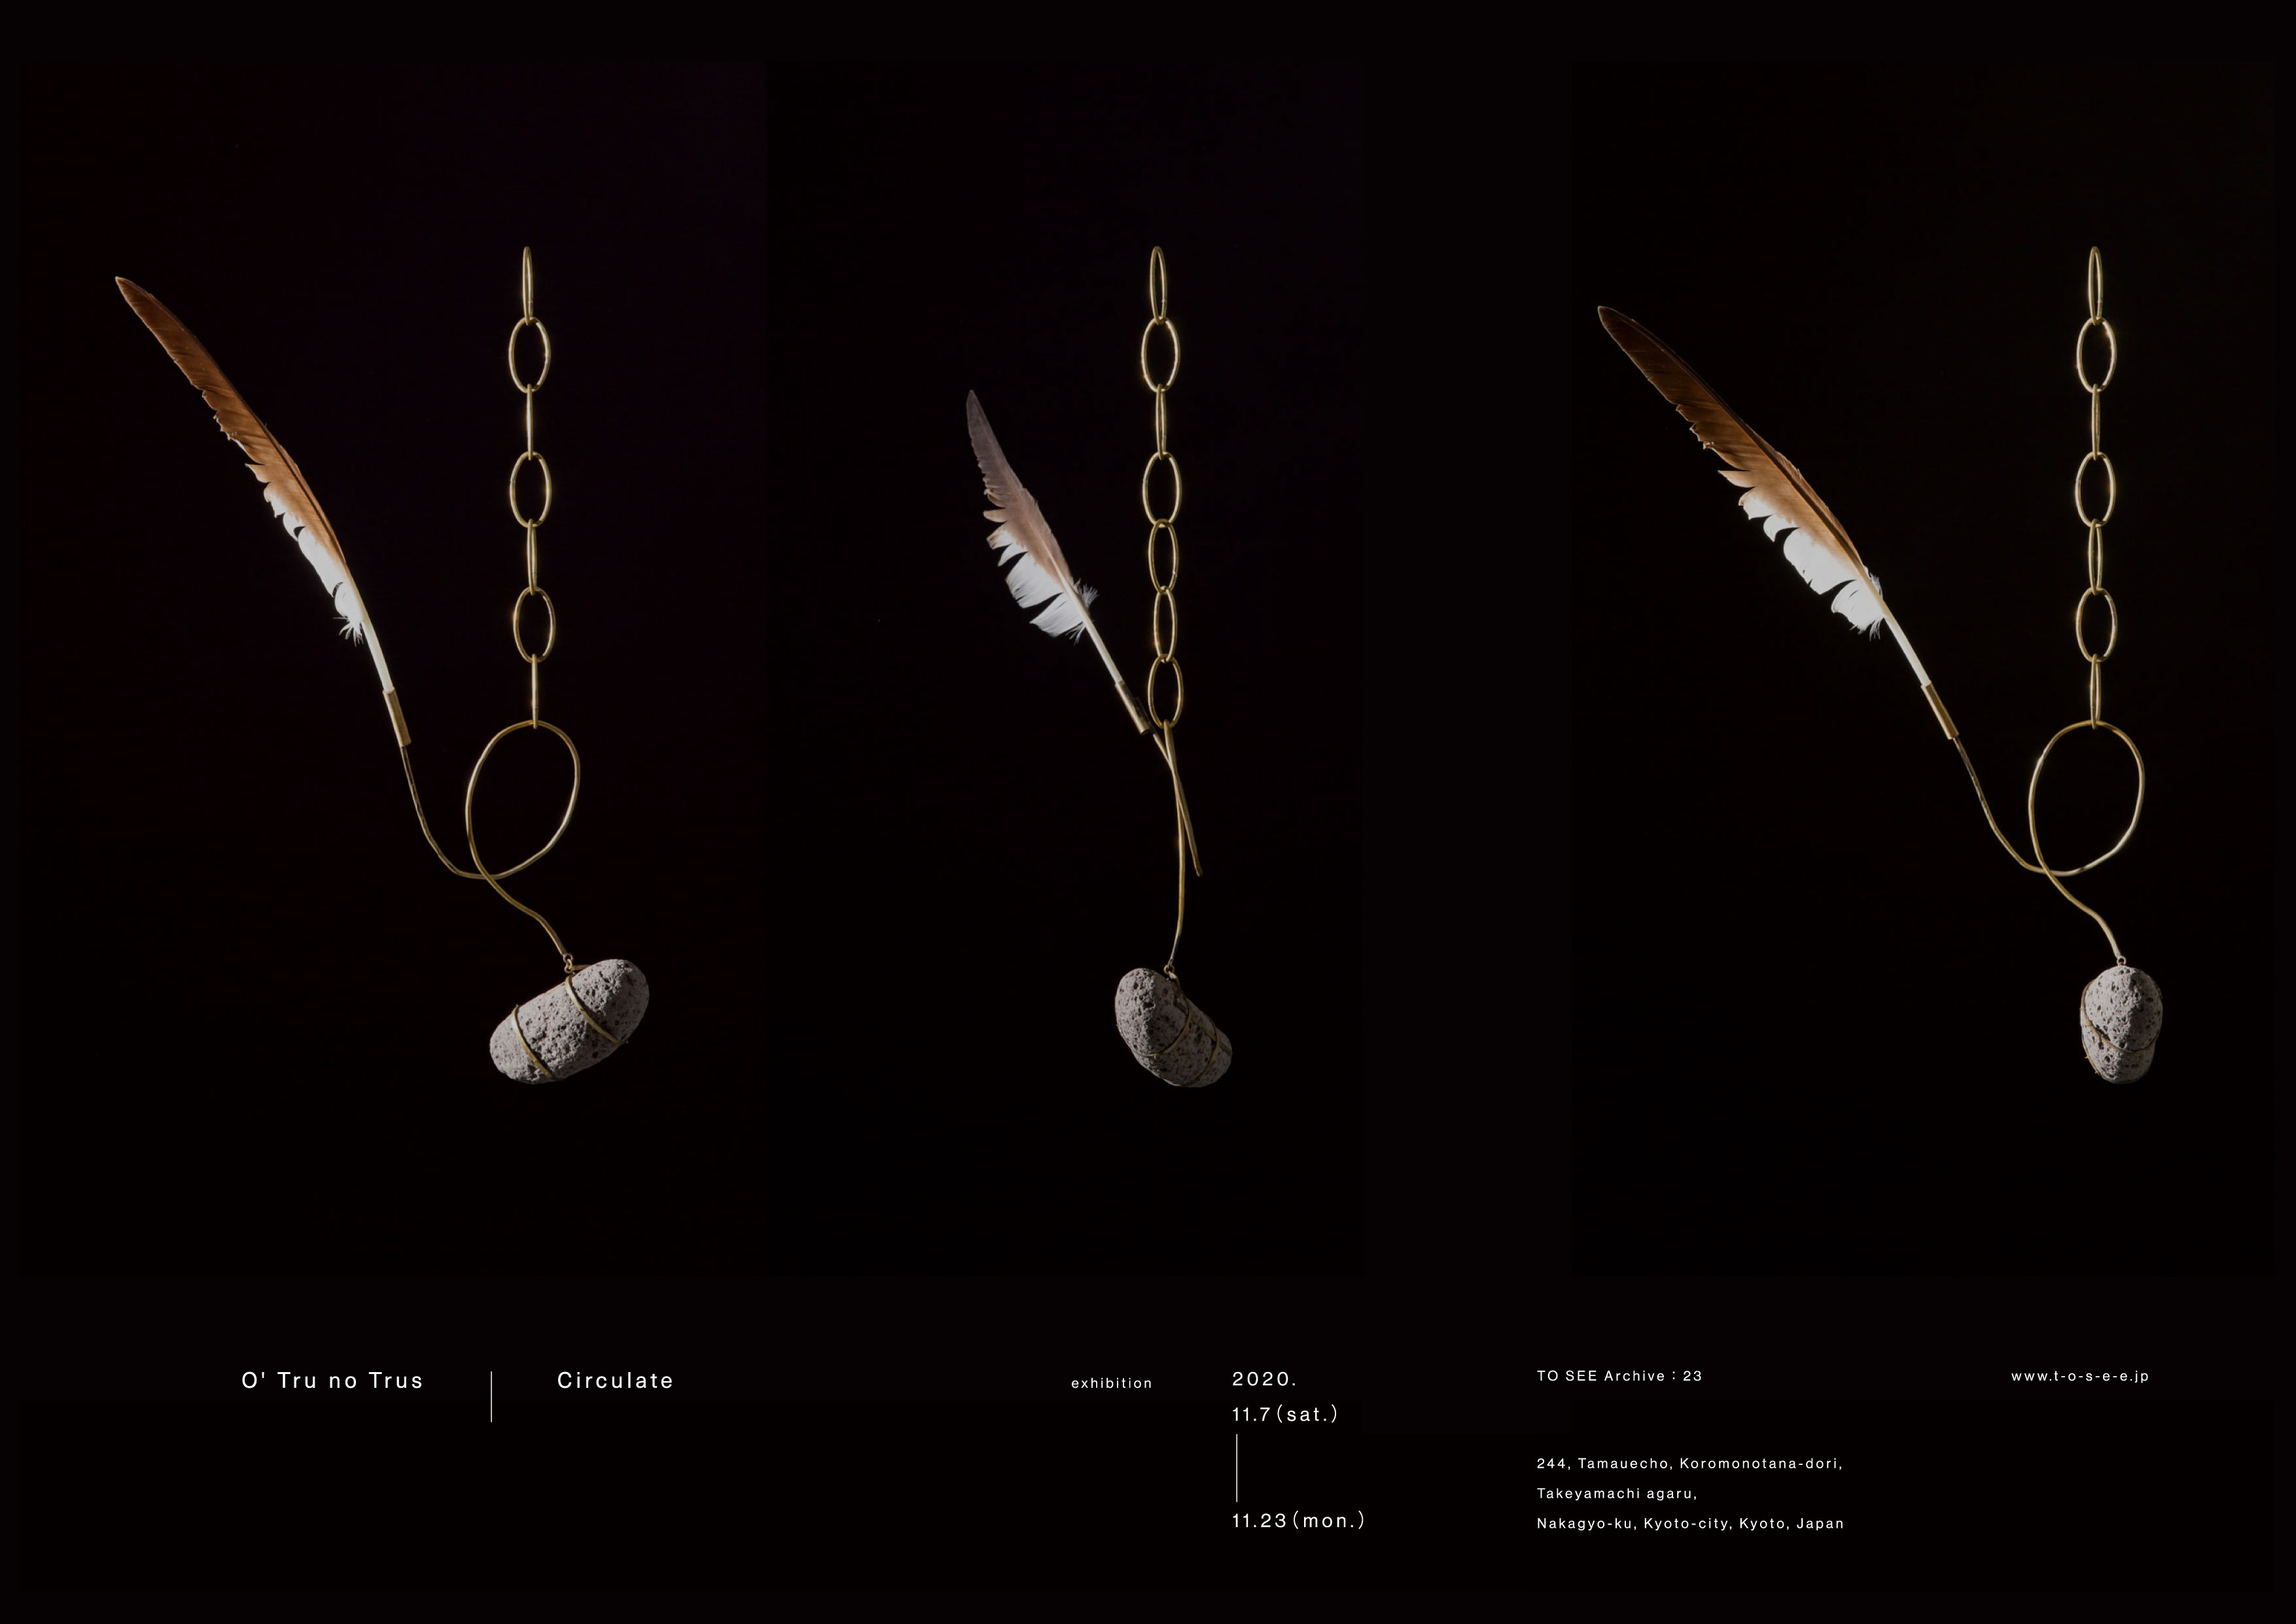 企画展《TO SEE Archive:23》 <br>O'Tru no Trus  Exhibition<br>『Circulate』